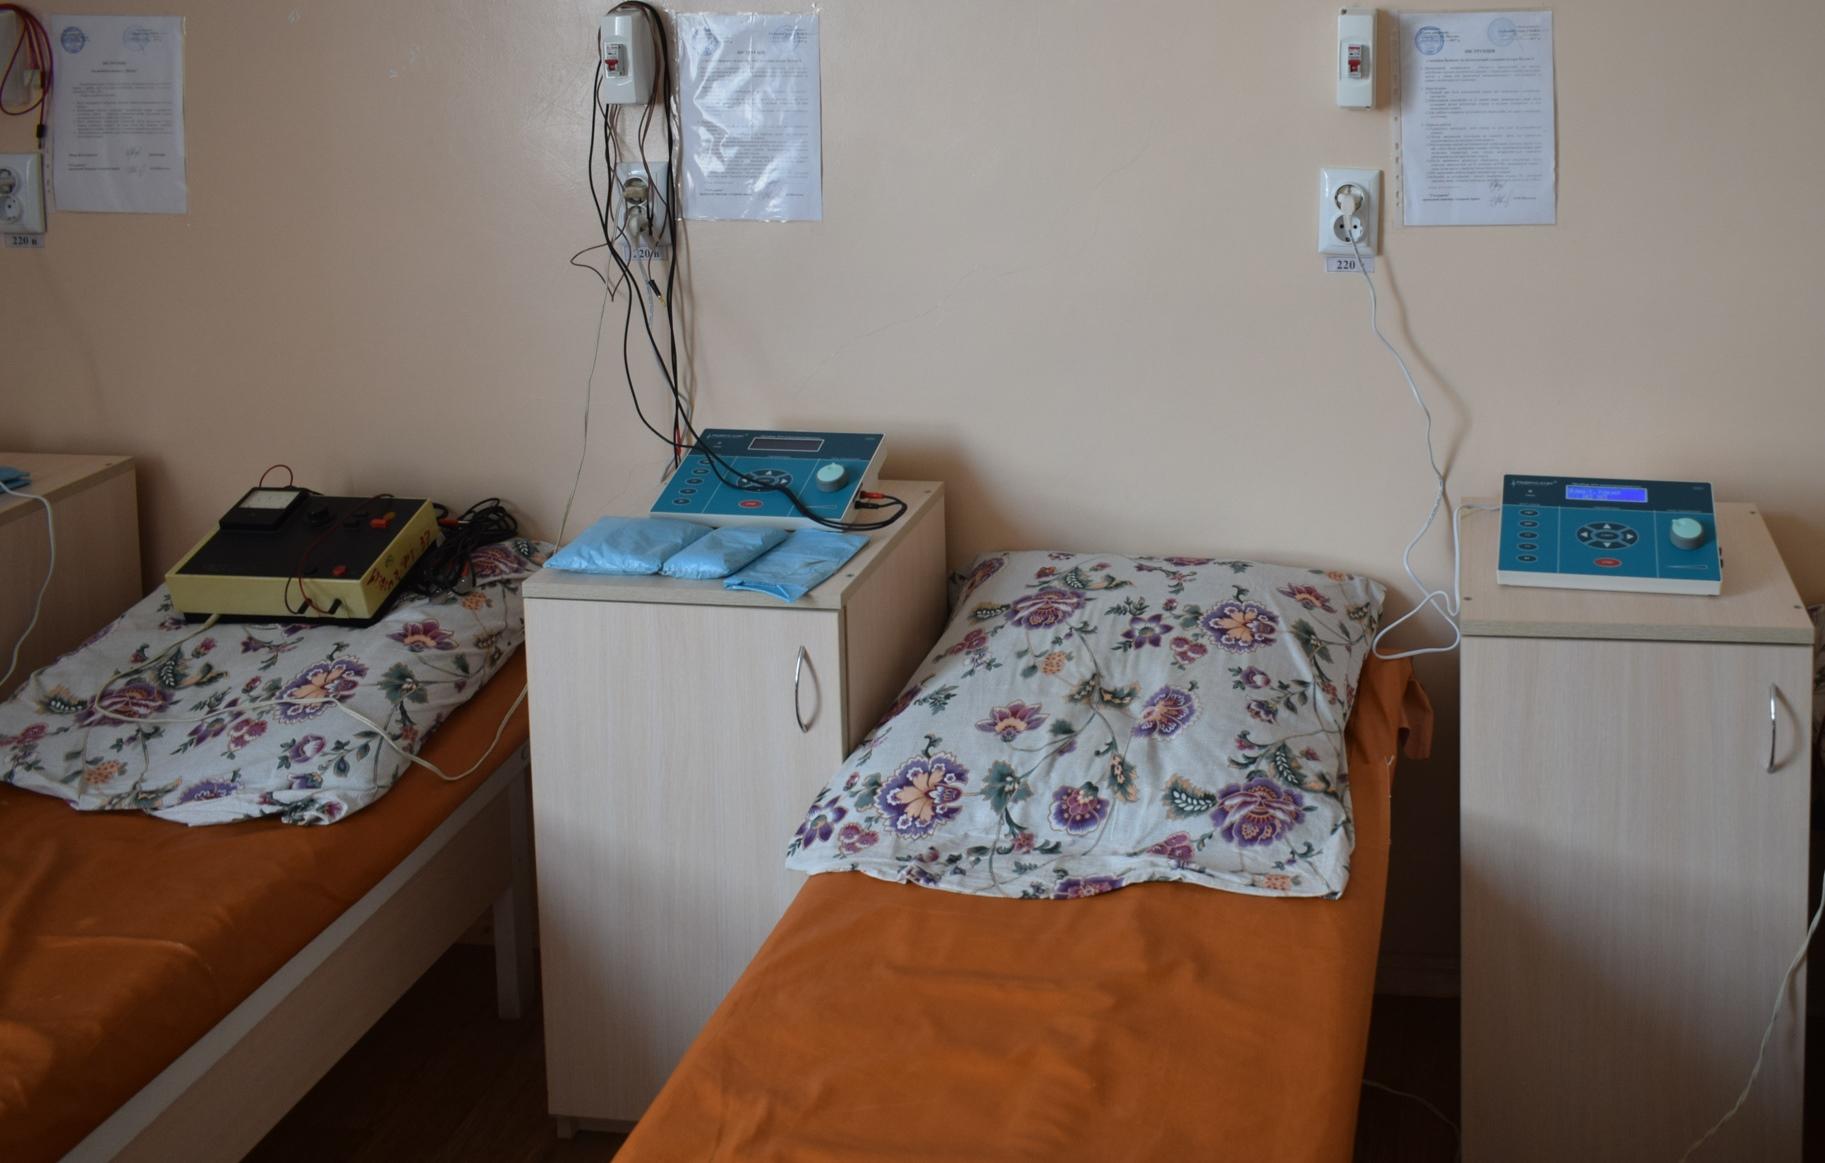 Міській дитячій лікарні Ужгорода представники вірменської общини вручили мультифункціональні апарати для фізіотерапії